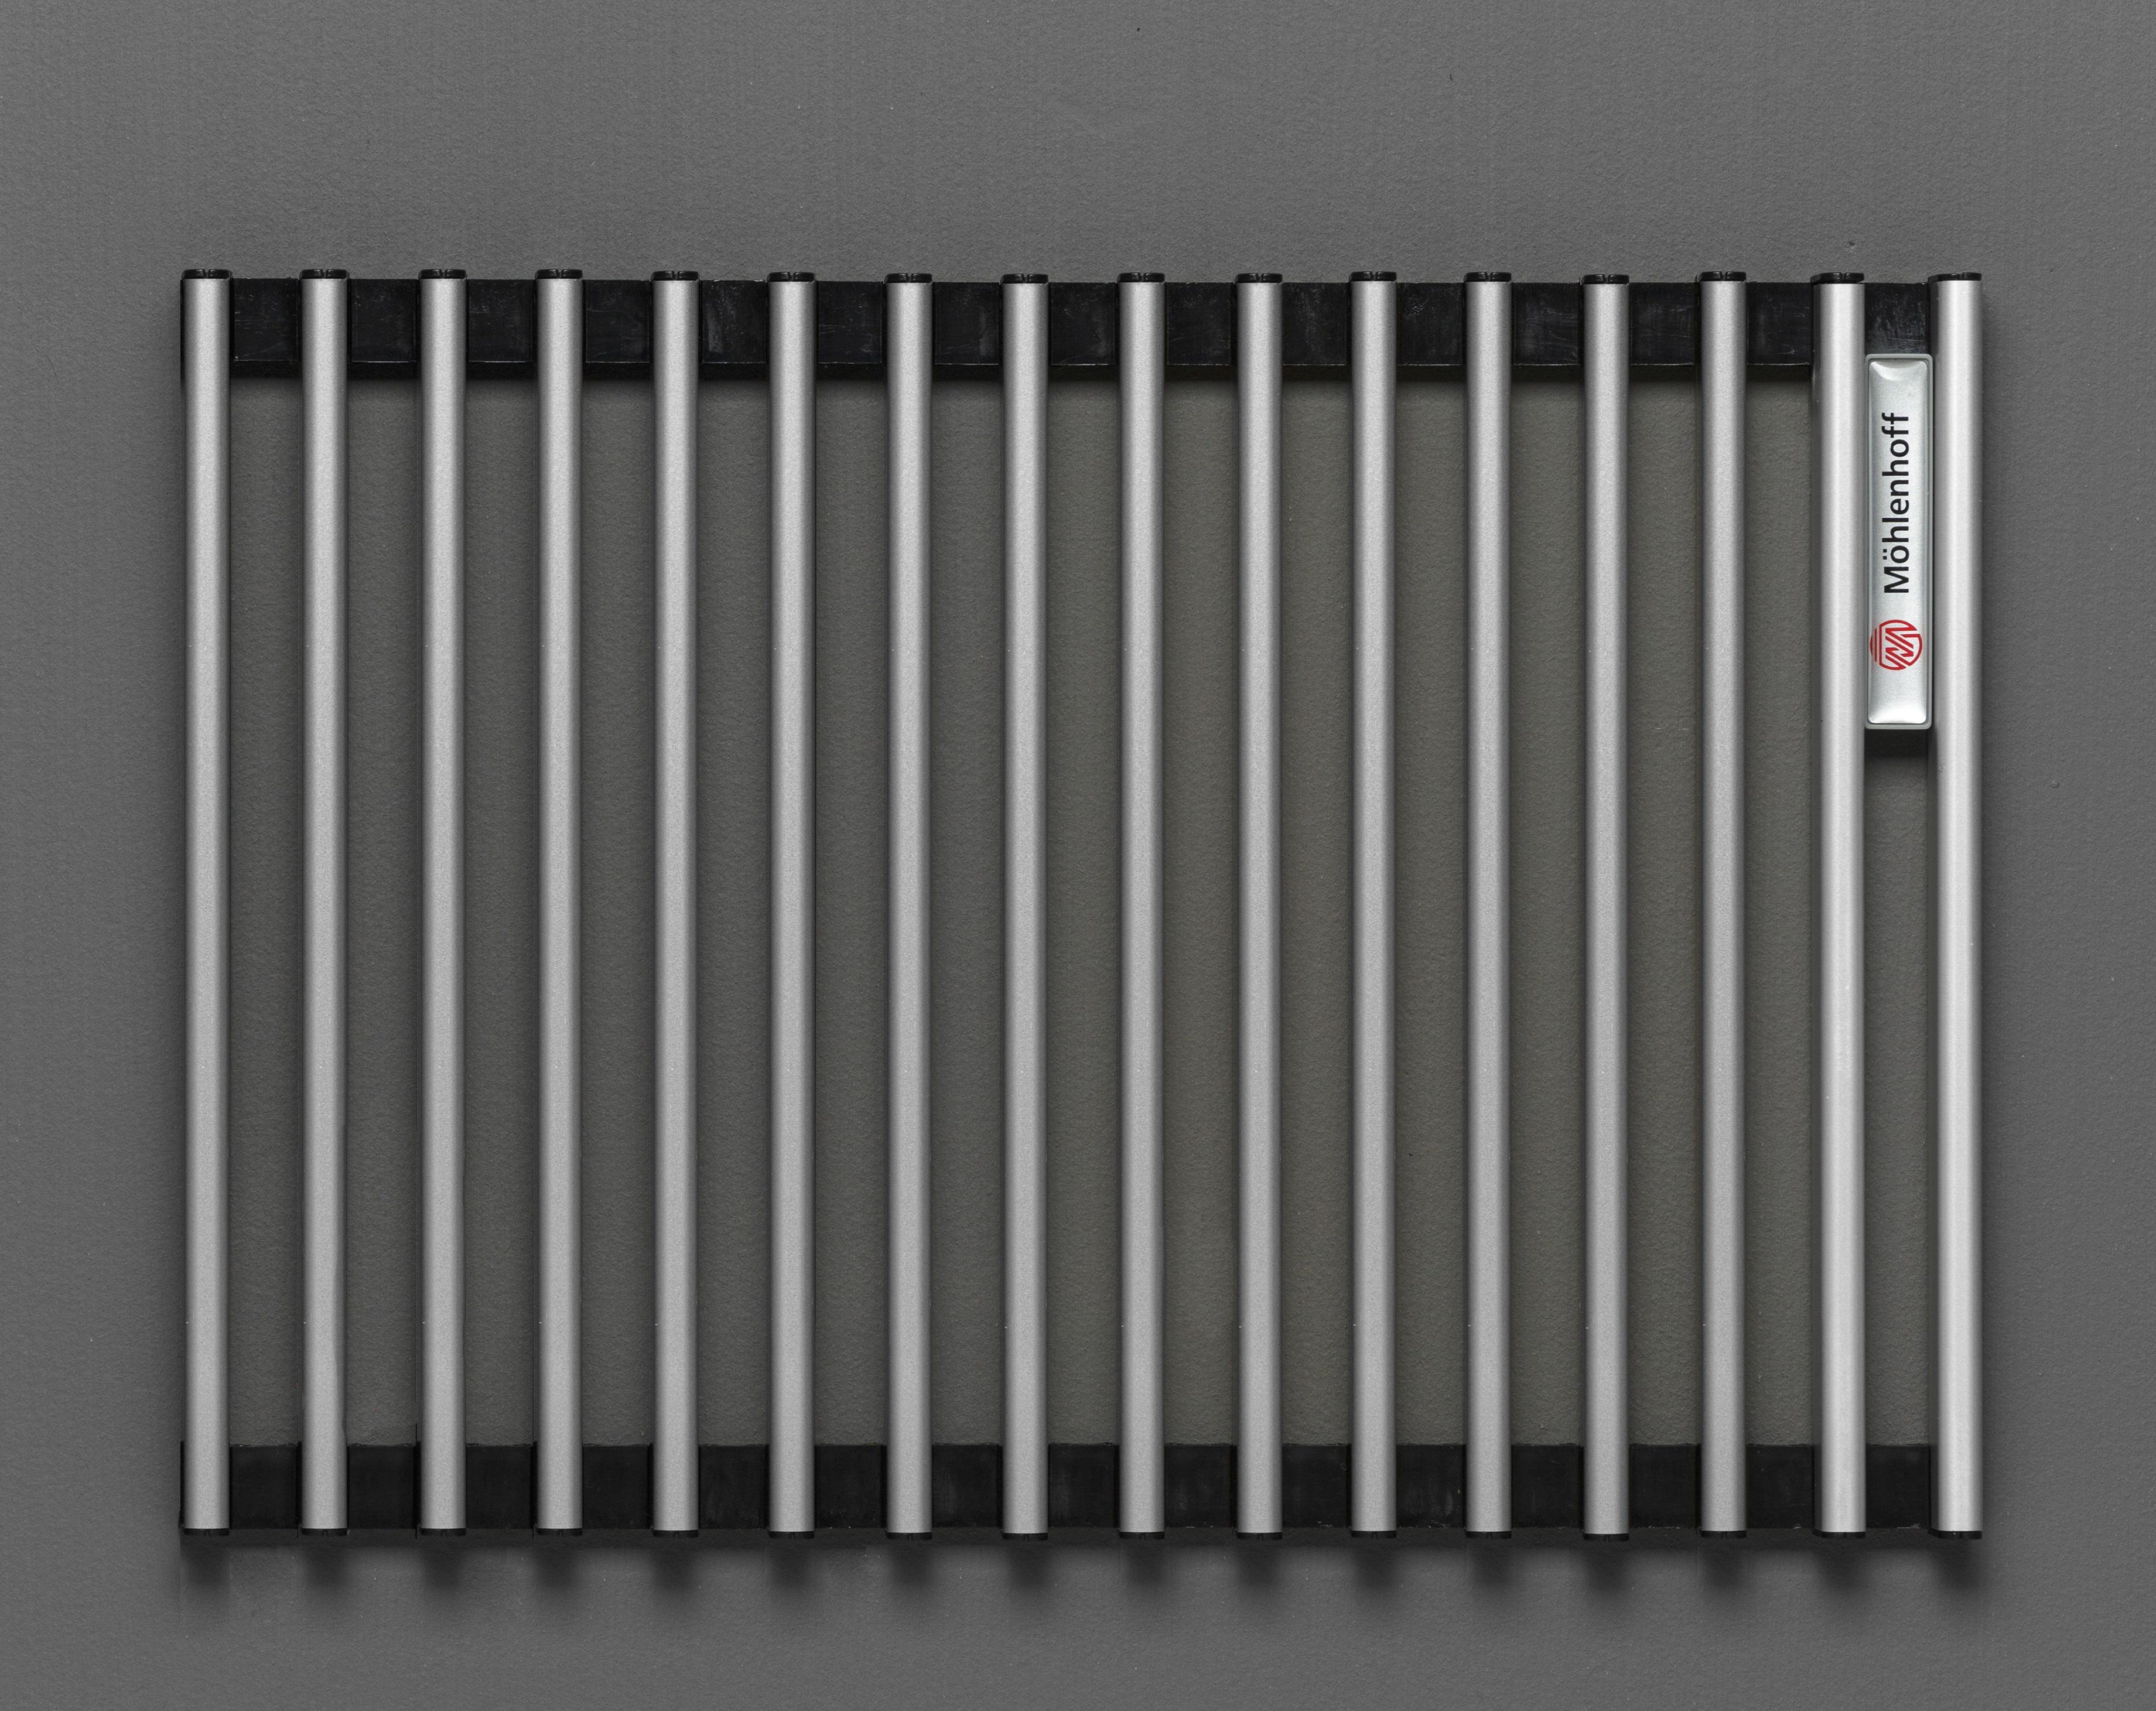 Декоративная решётка Mohlenhoff натуральный алюминий, шириной 320 мм 1 пог. м, Россия  - Купить